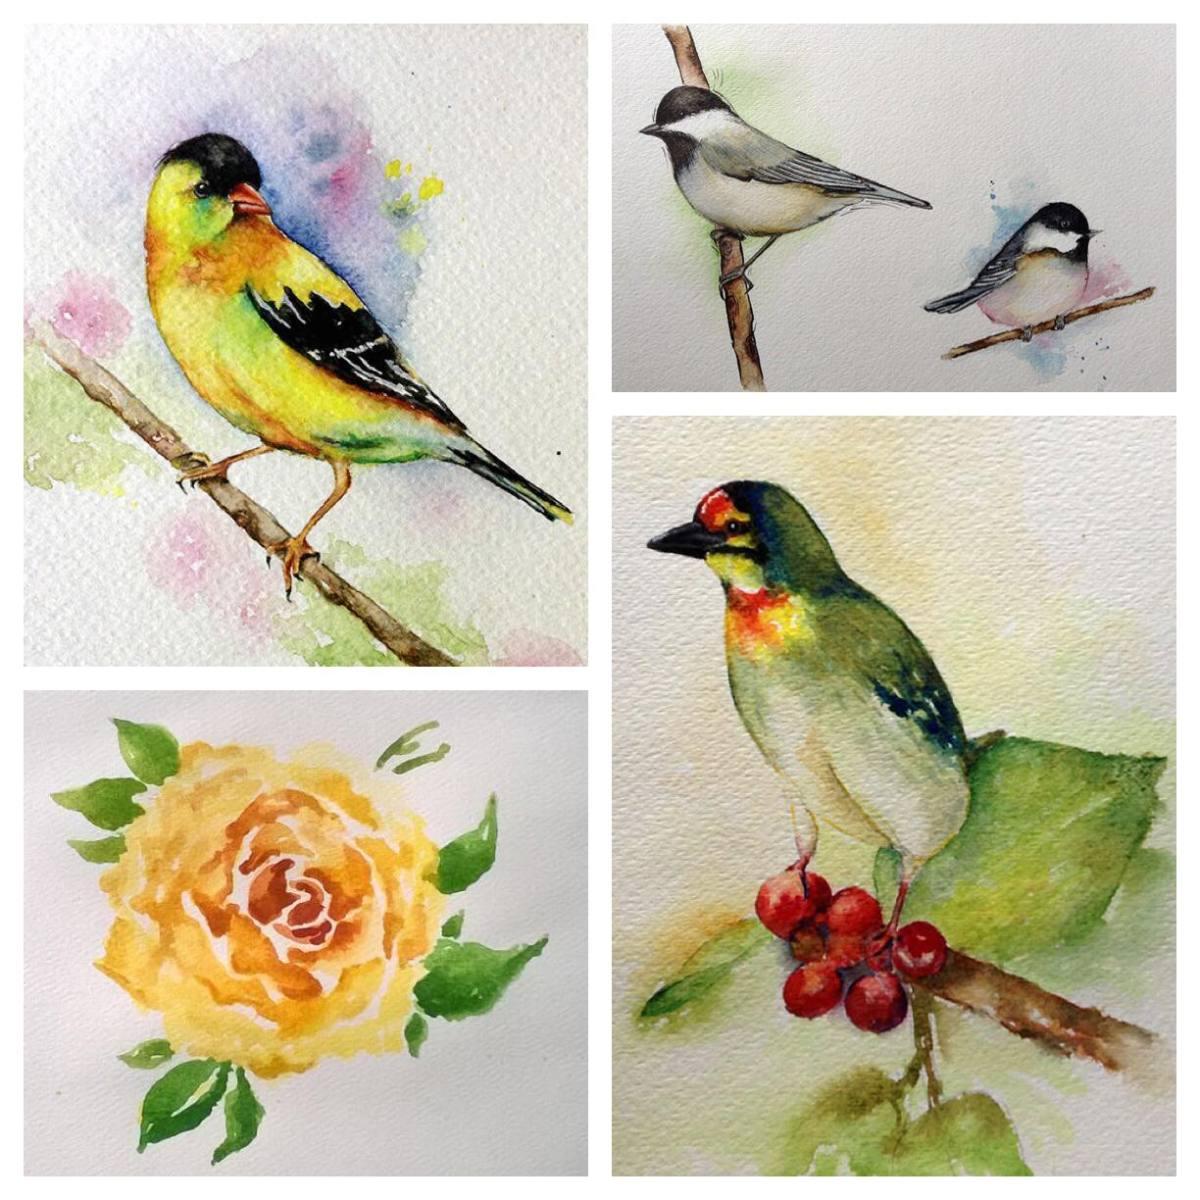 Birds & Flower by Snehal Kank